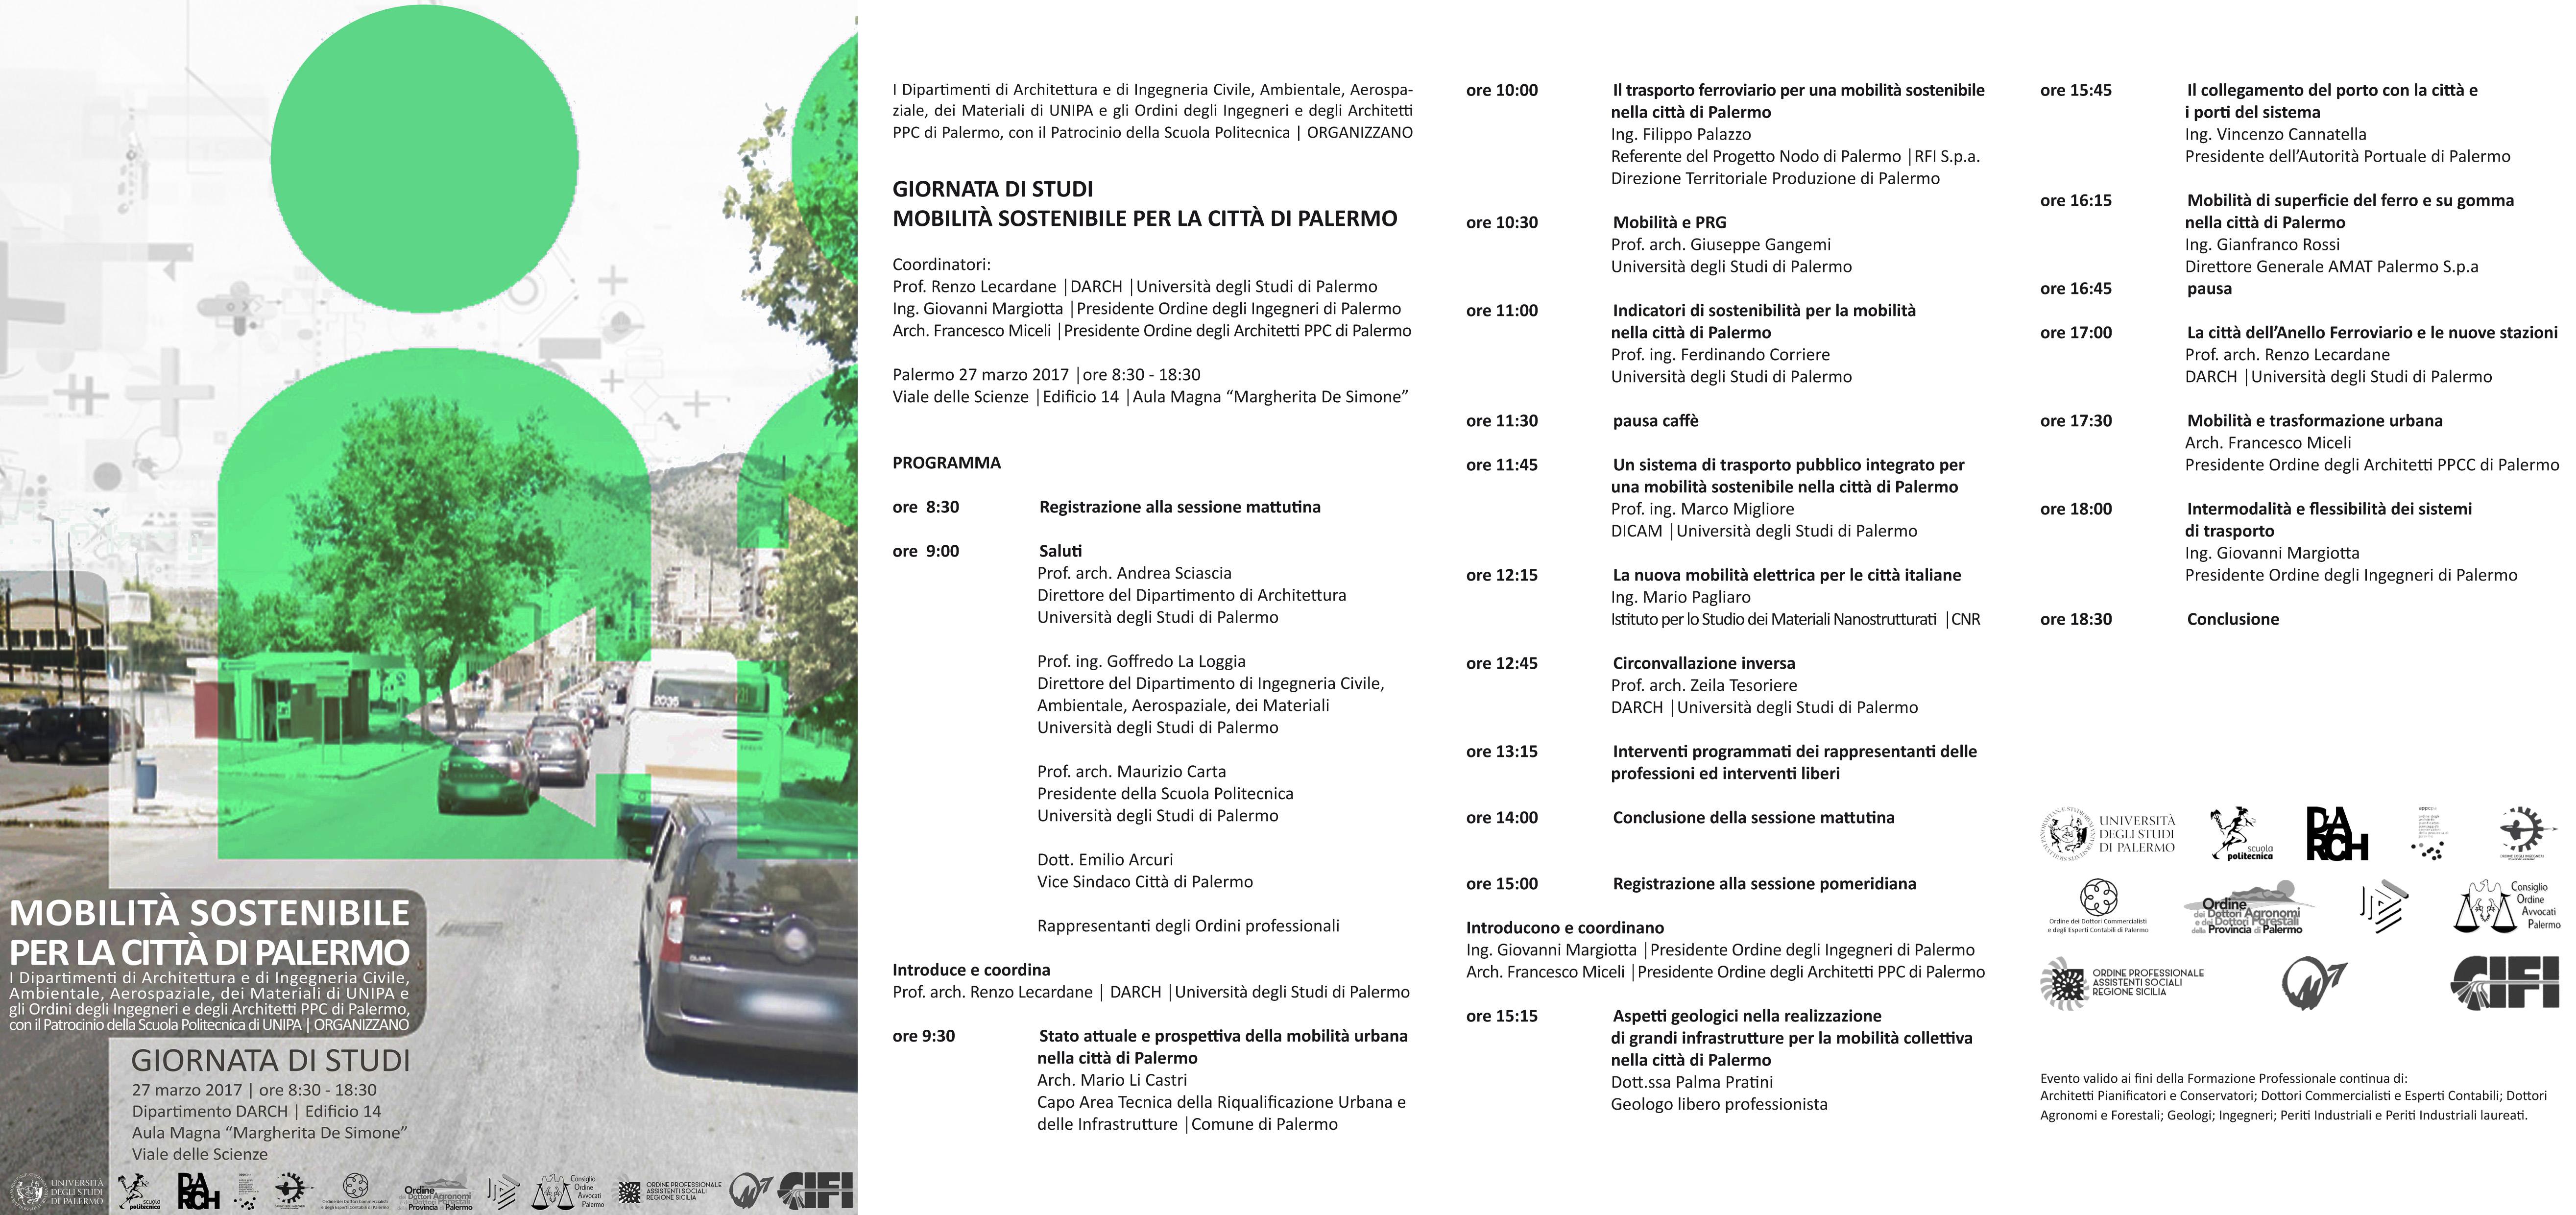 Mobilit sostenibile per la citt di palermo palermo 27 for Mobilita palermo